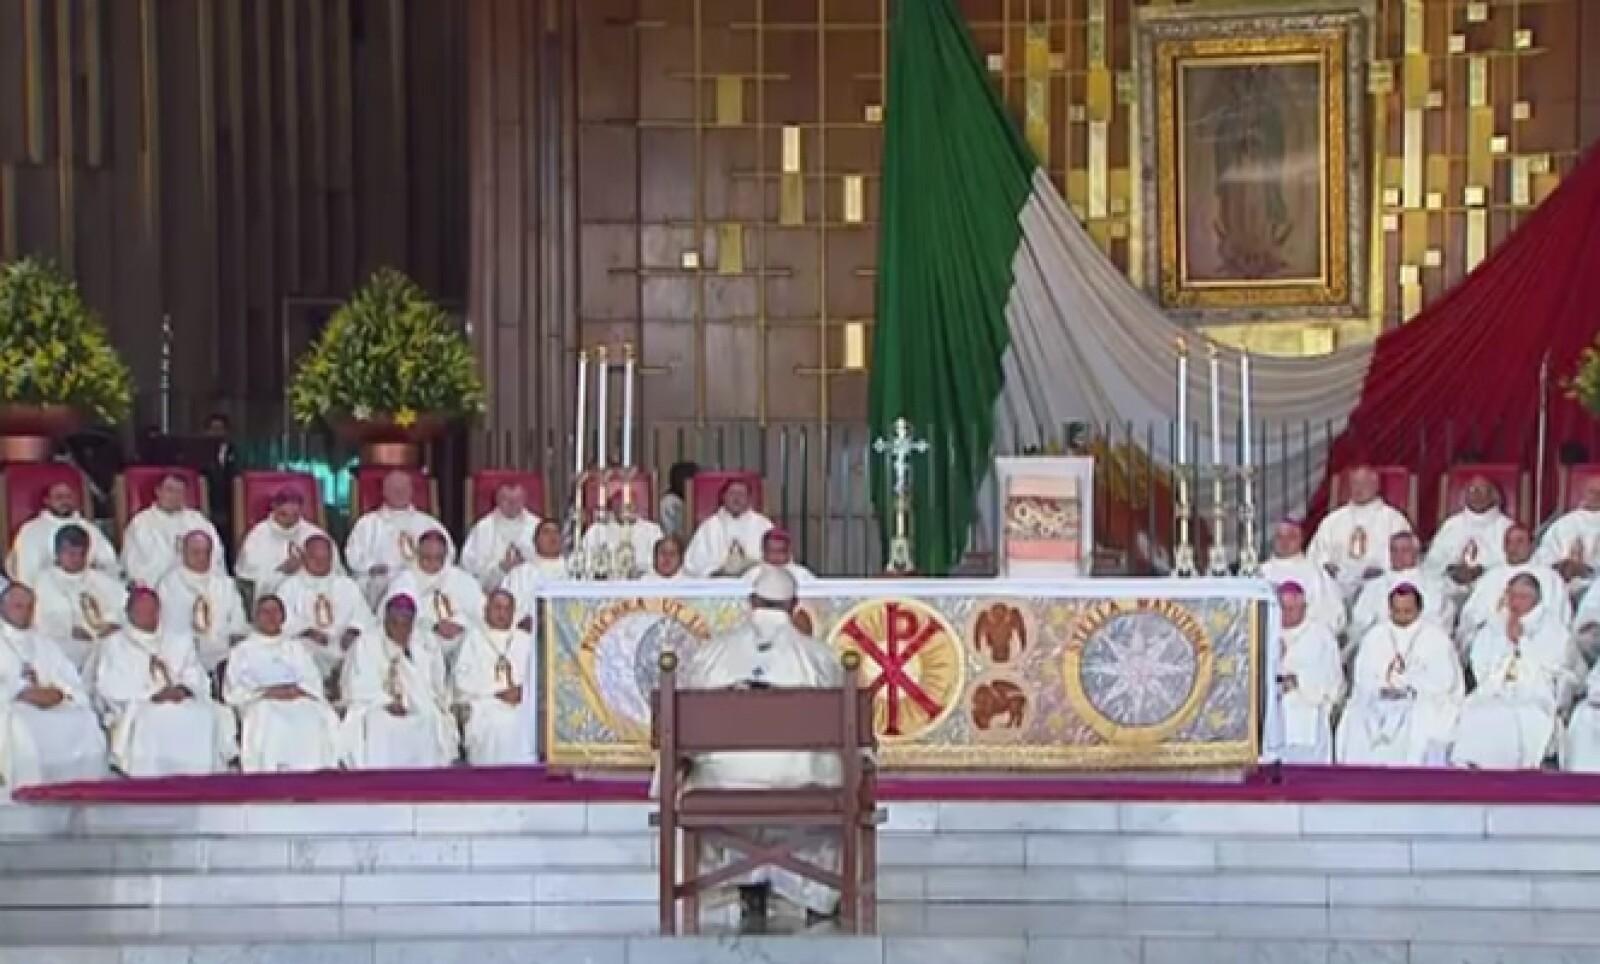 El papa pidió que se guardara silencio para reflexionar sobre las enseñanzas de la Virgen de Guadalupe.